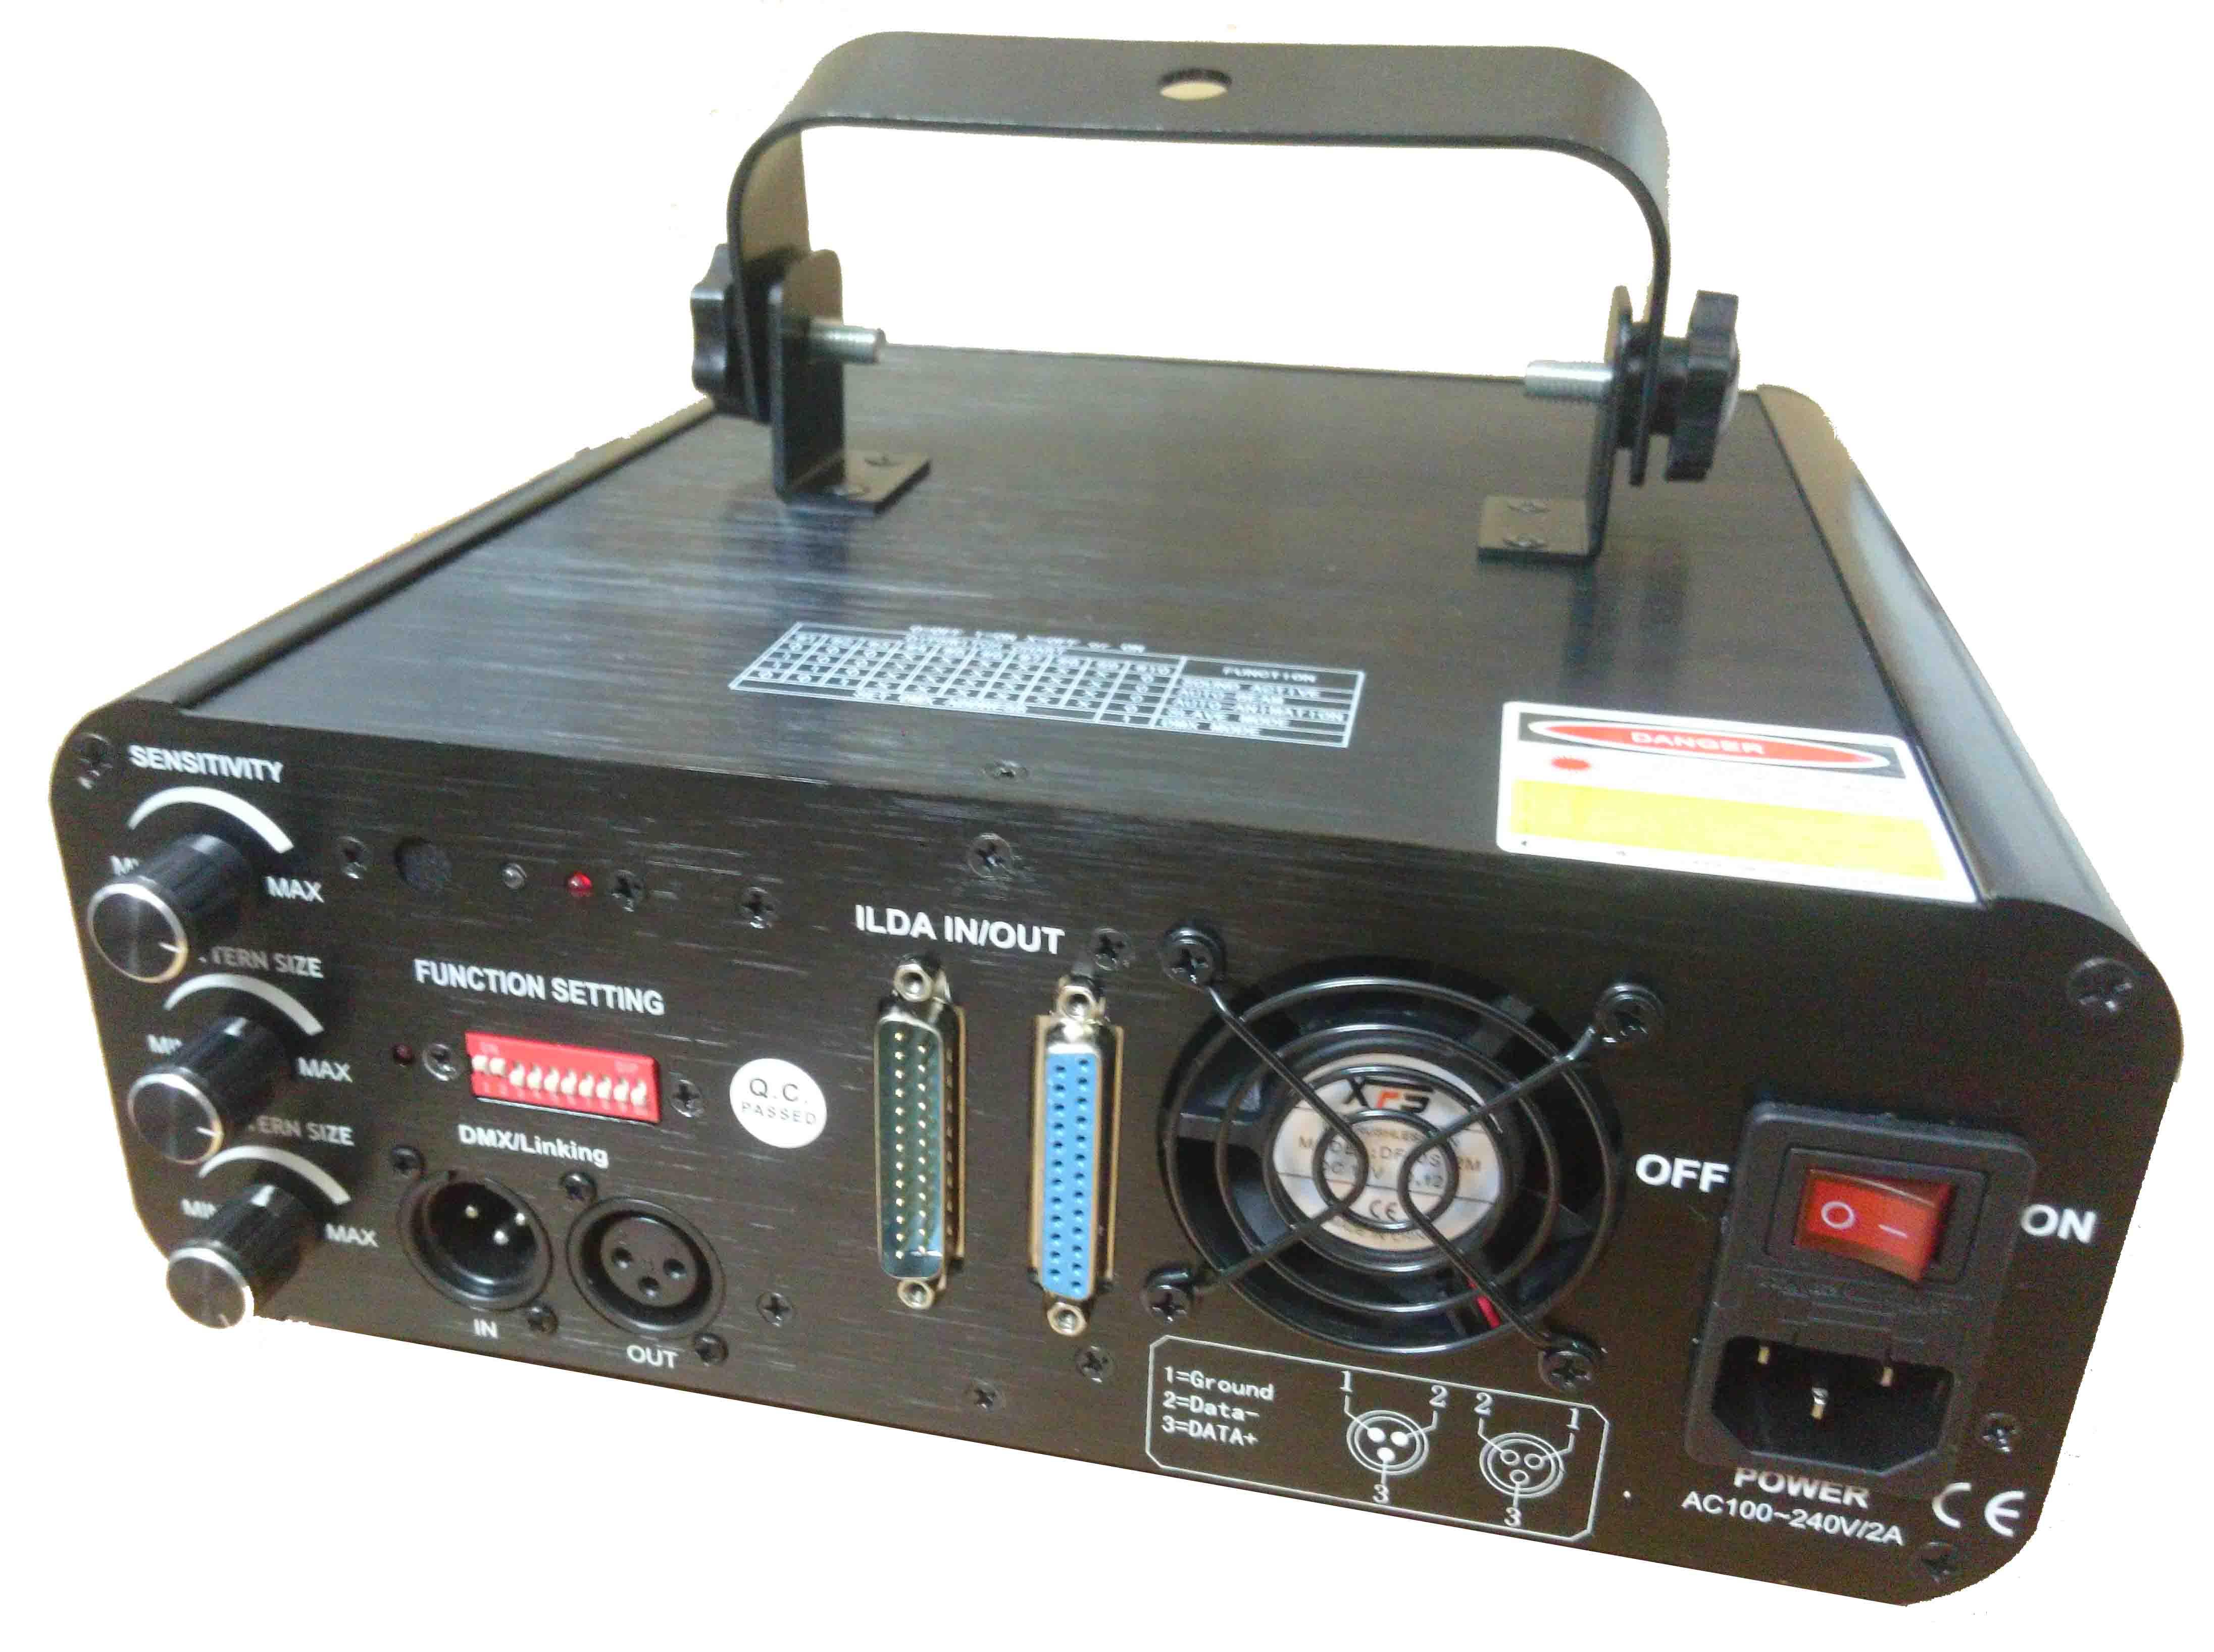 Mặt sau đèn laser quét tia chiếu hình 7 màu VD250RGB